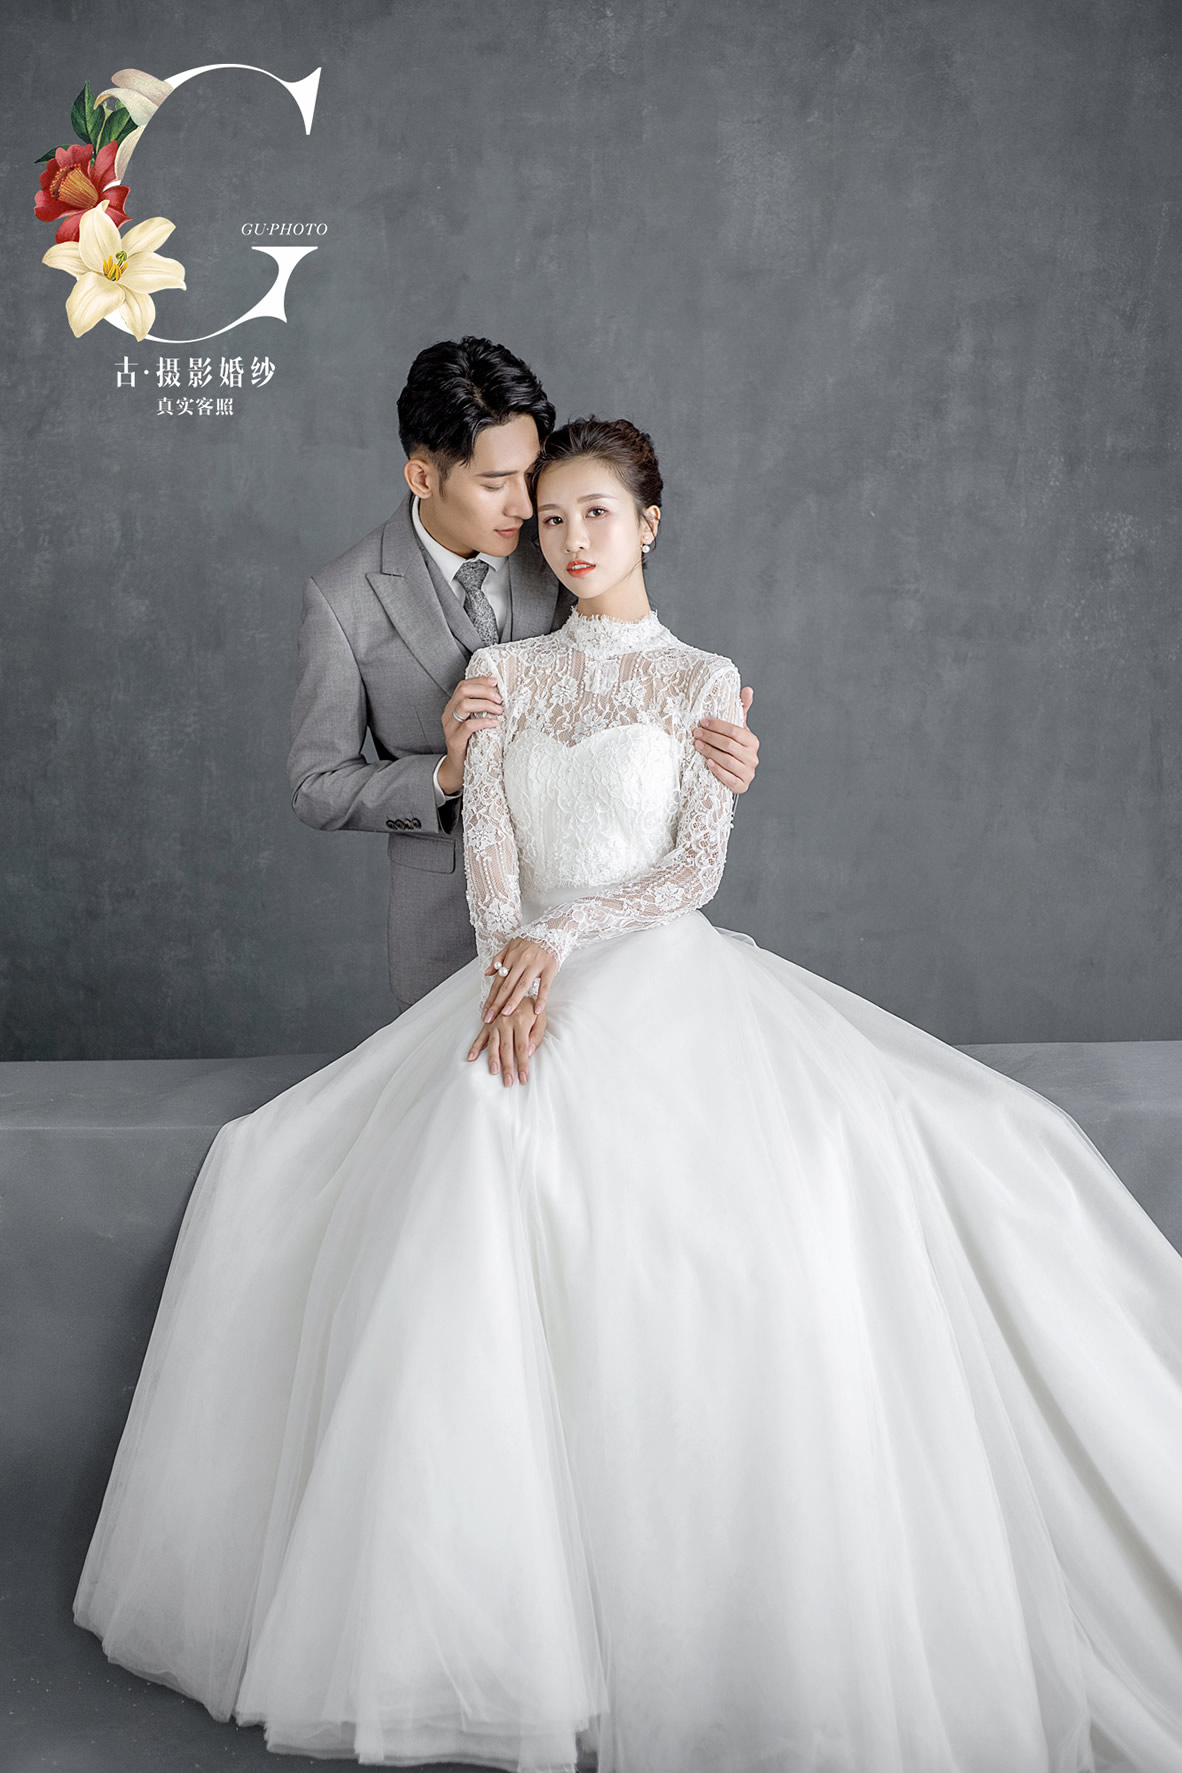 朱先生 段小姐 - 每日客照 - love昆明古摄影-昆明婚纱摄影网